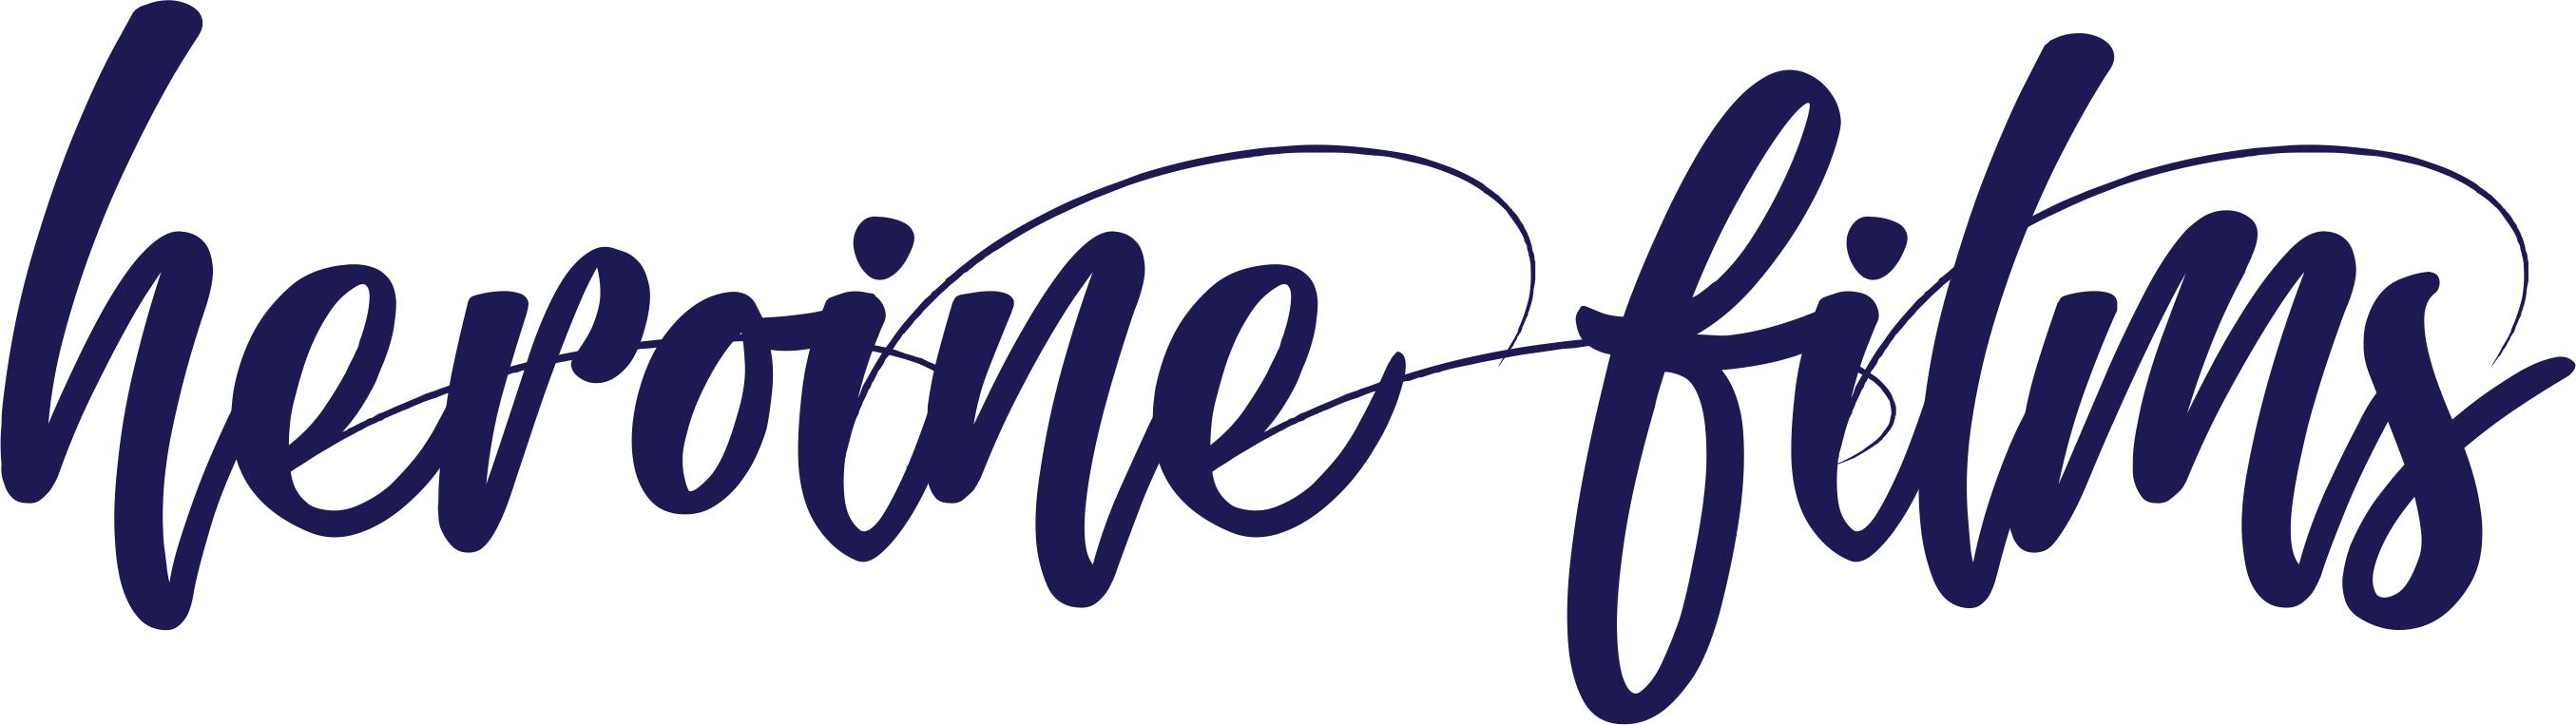 Heroine Films logo